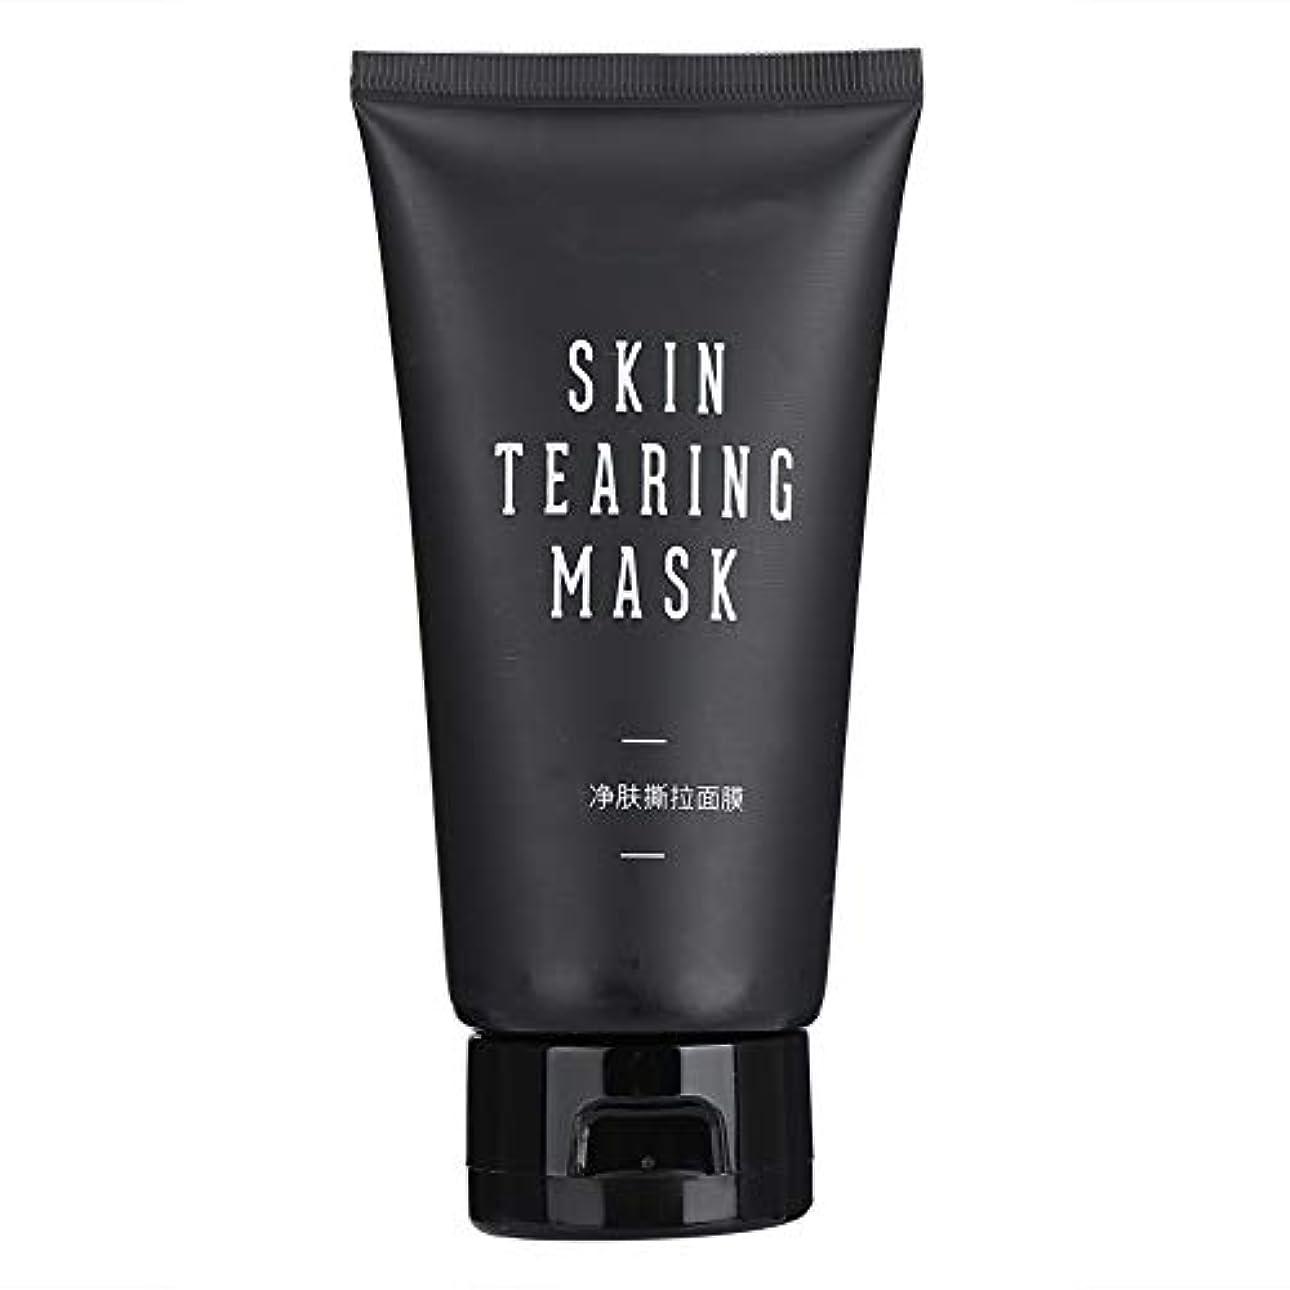 控えるライブ研磨剤角質除去クレンジングマスク、にきびの除去角質除去マスク、ポロスクリーニングアスコットの修復 - 80 g